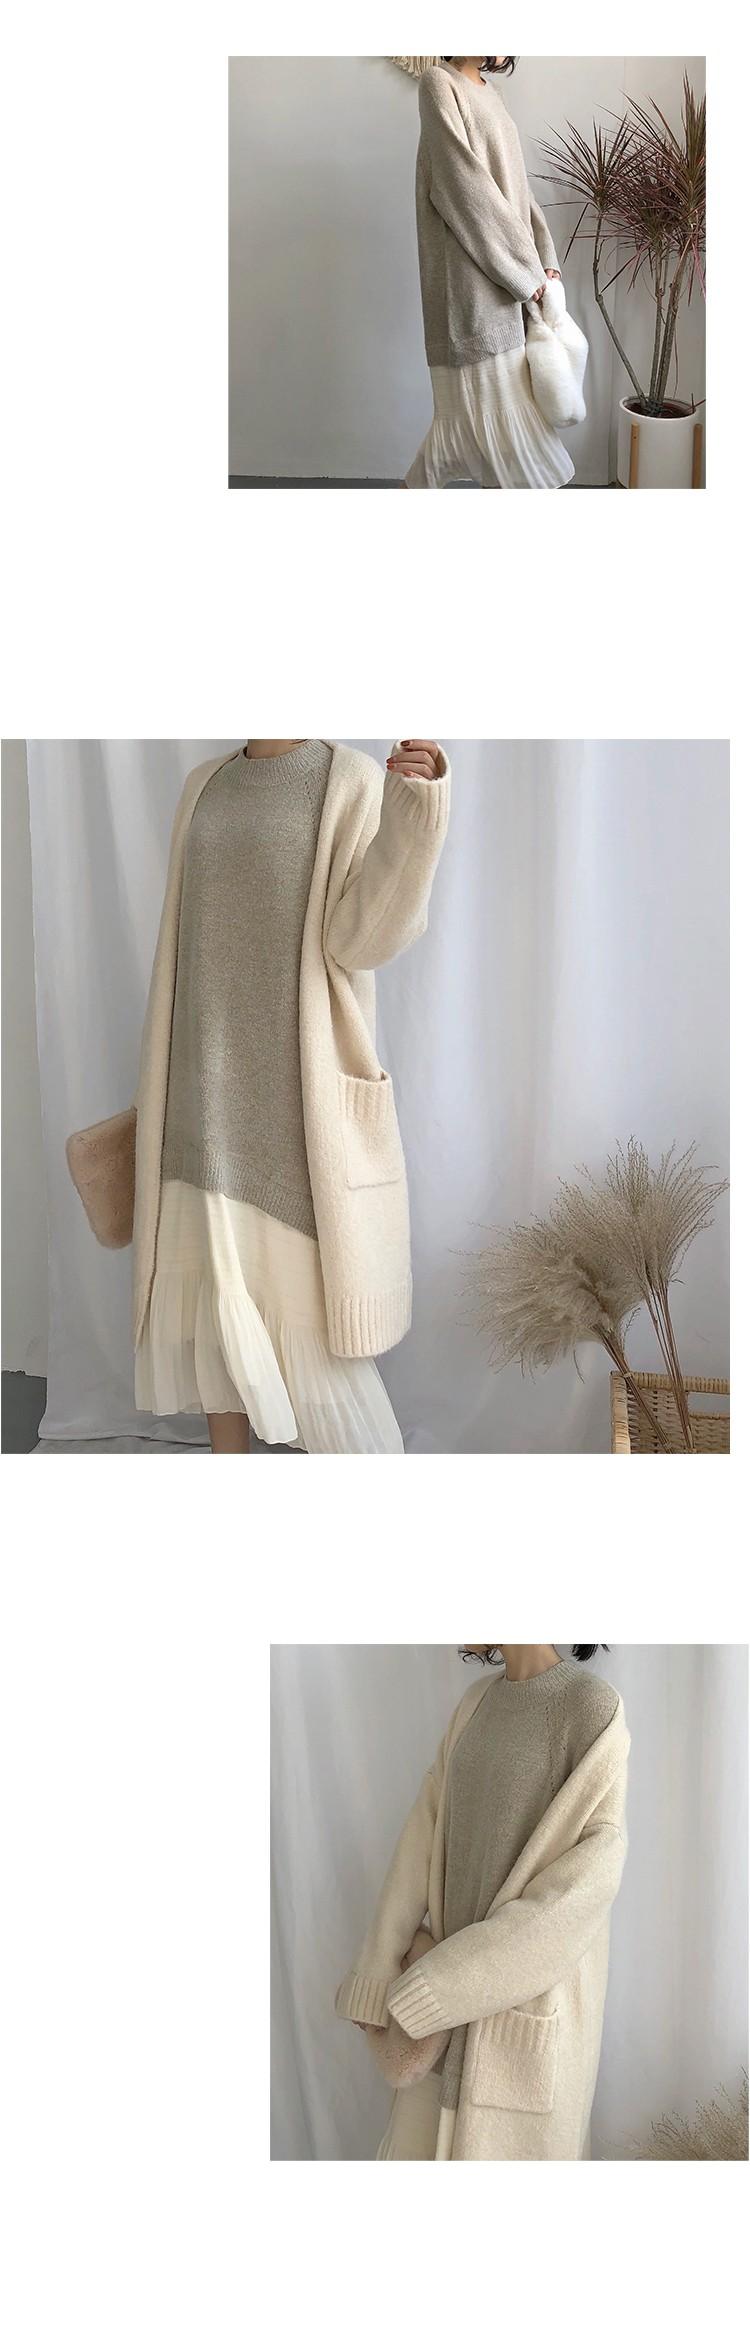 니트 쉬폰 프릴 드레스 원피스